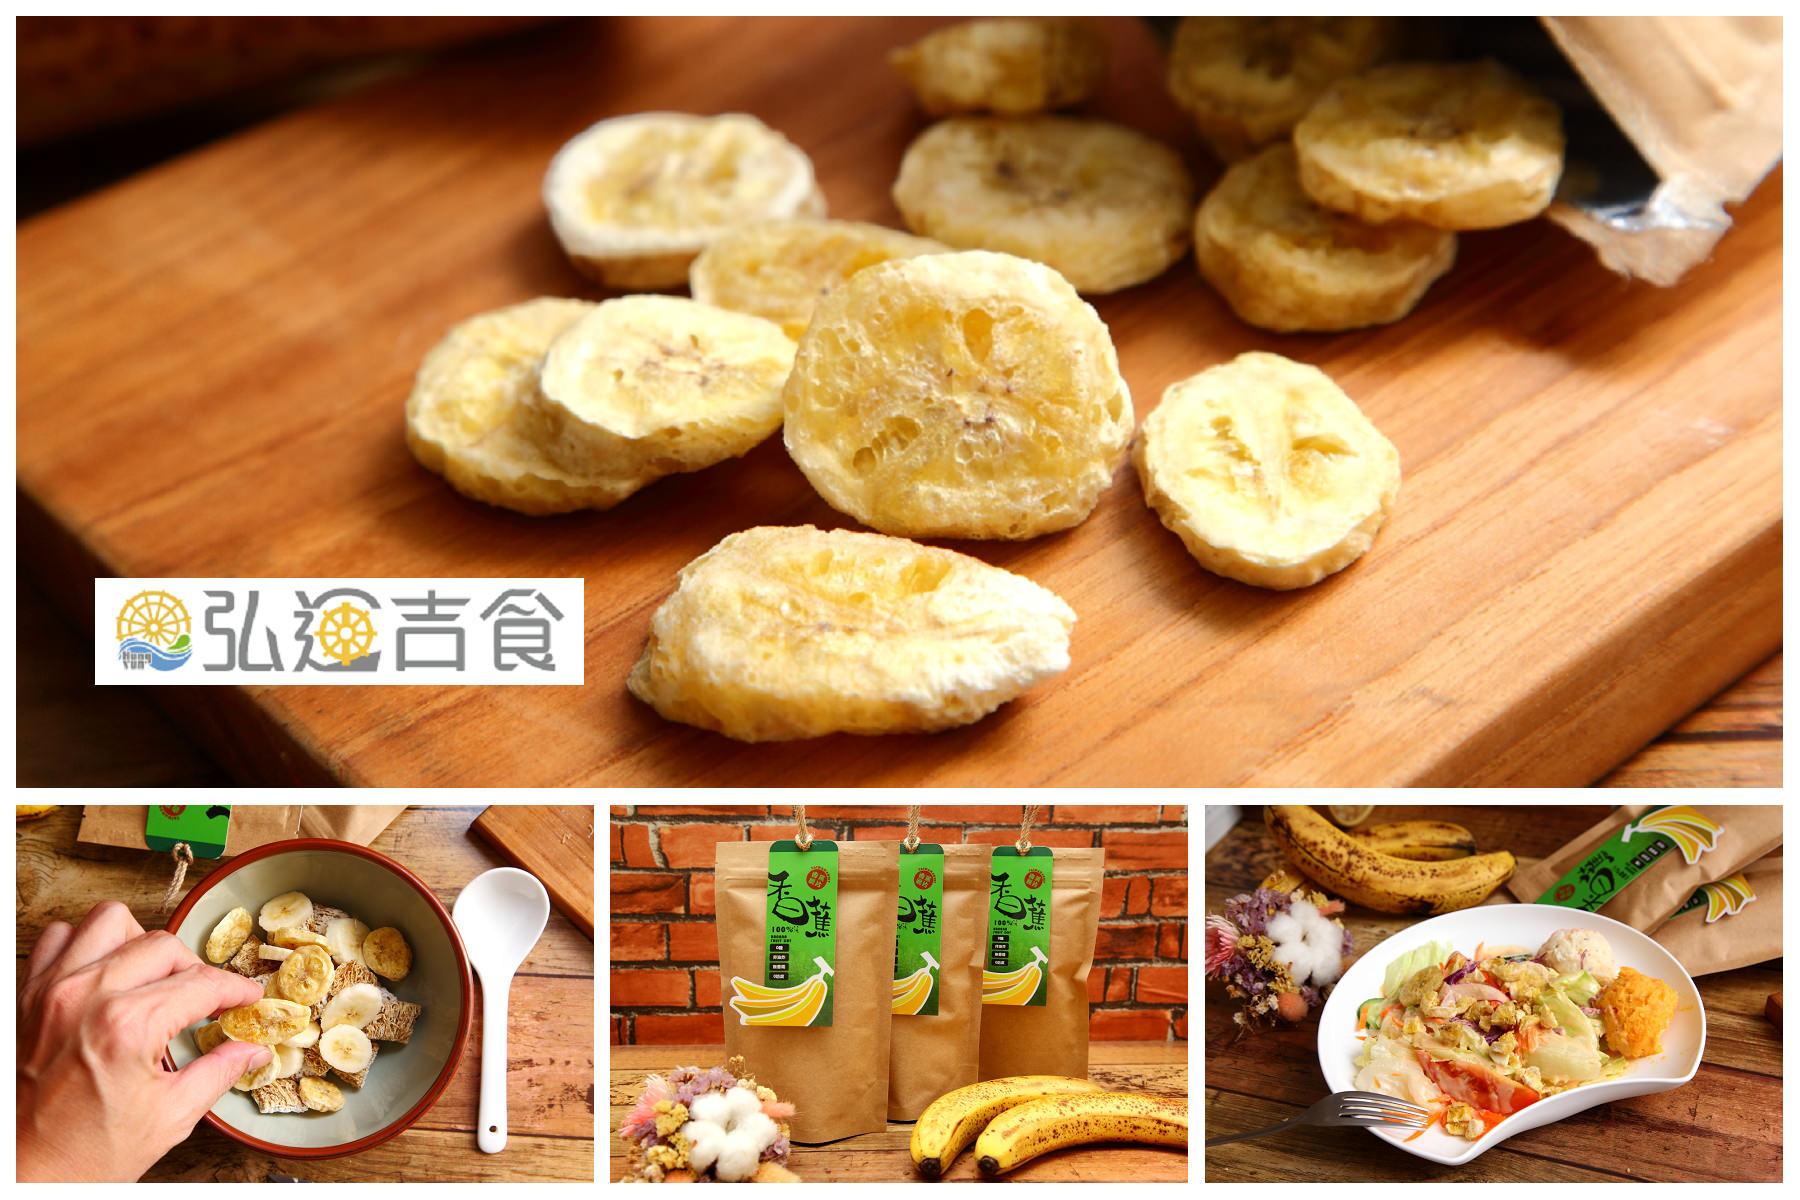 弘運吉食香蕉脆片-香蕉脆片推薦